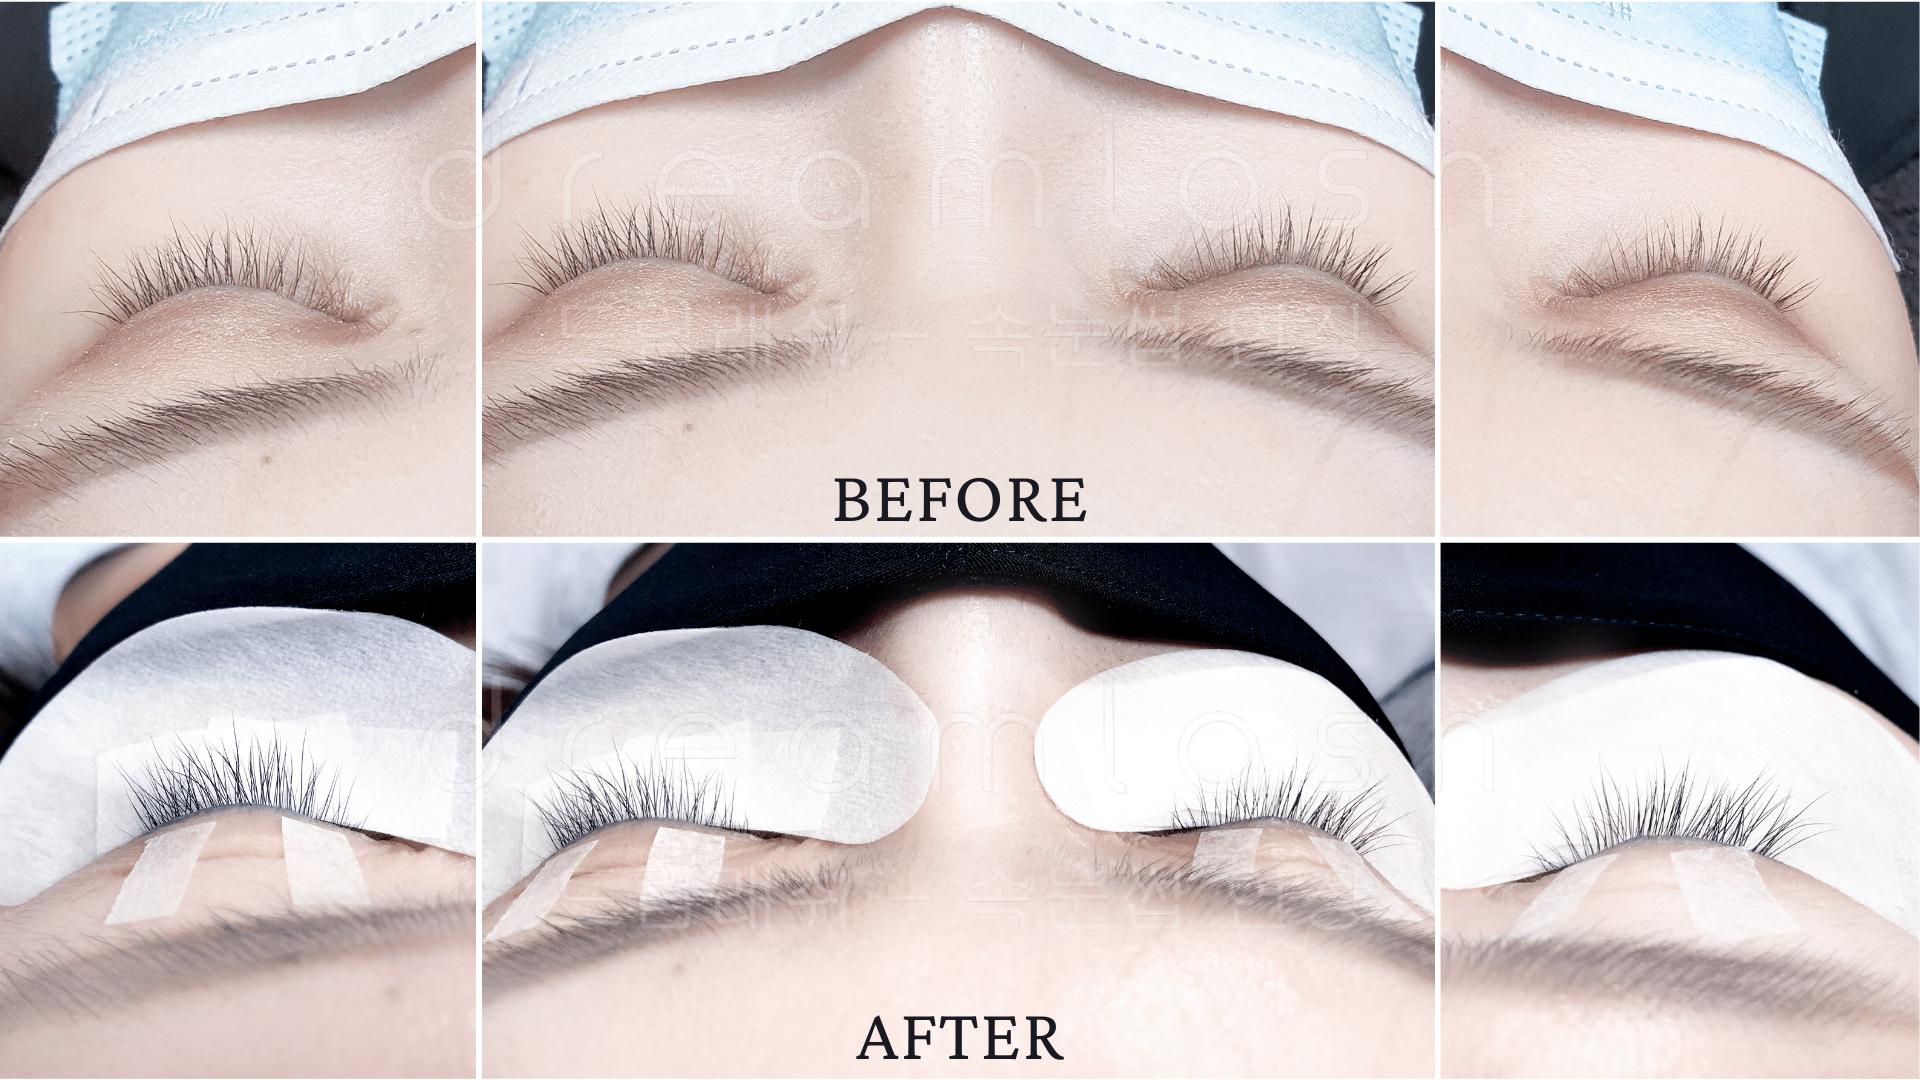 Nano Eyelash Regrowth Before & After